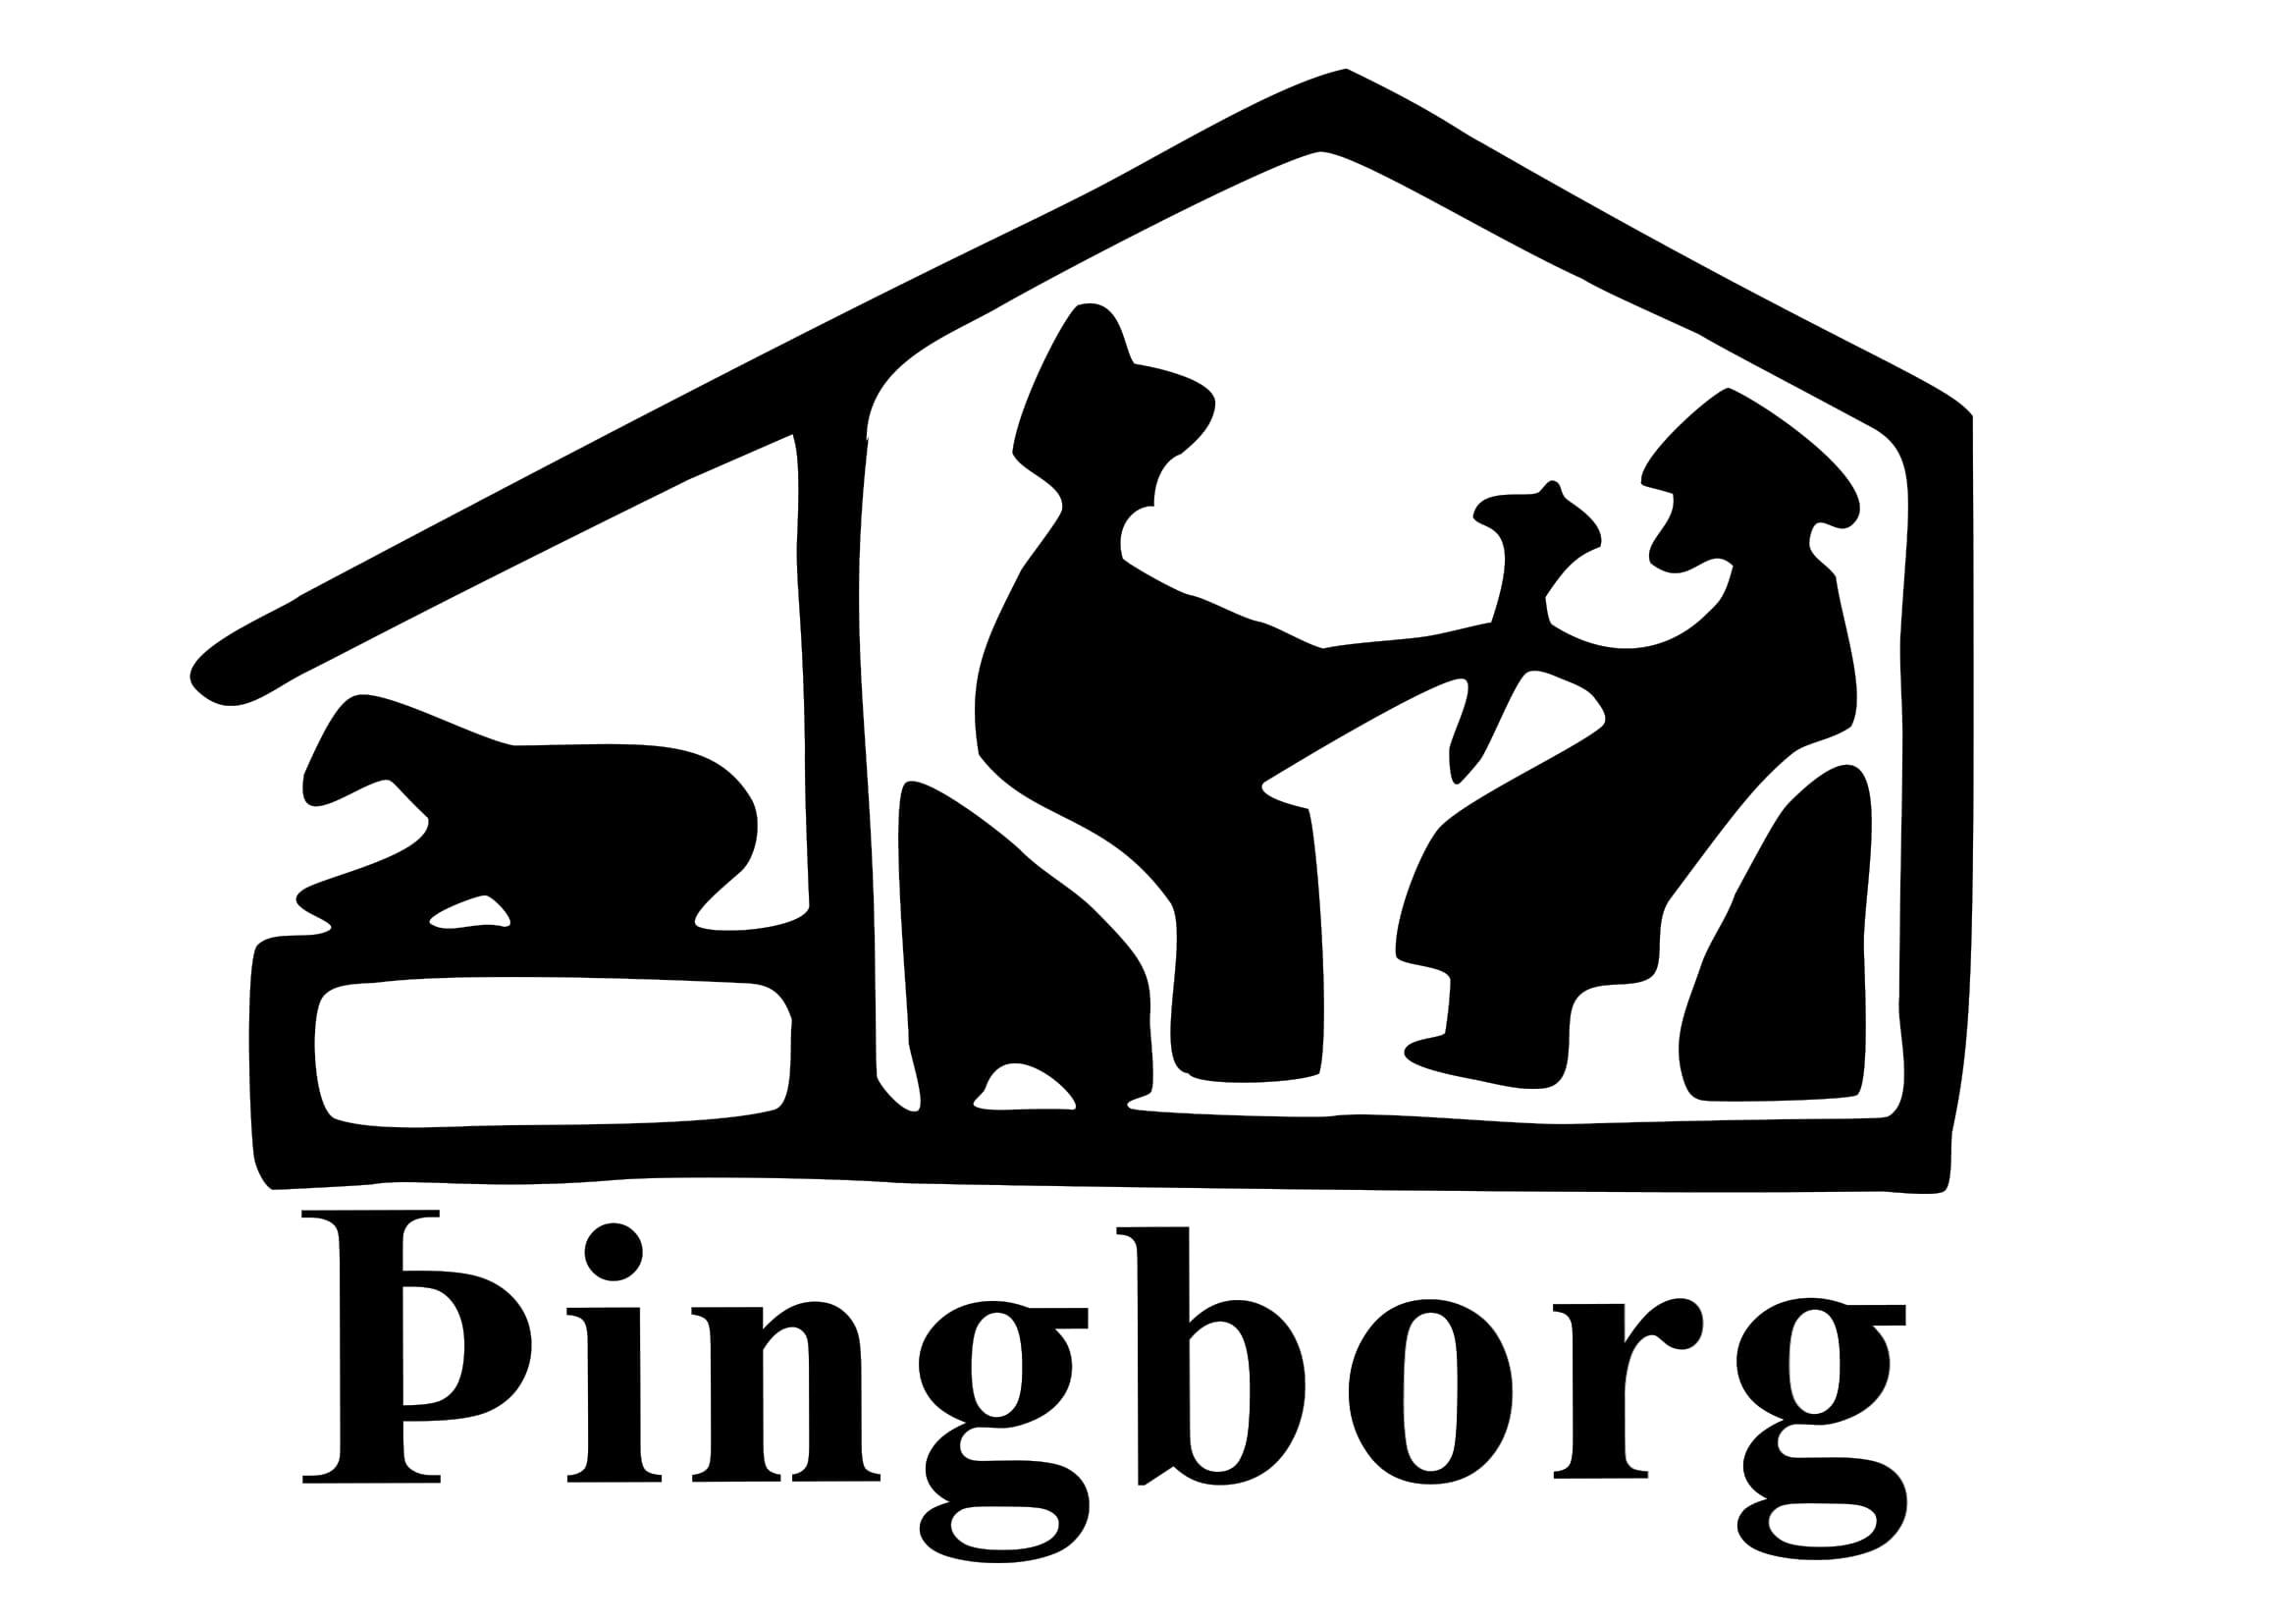 Þingborg